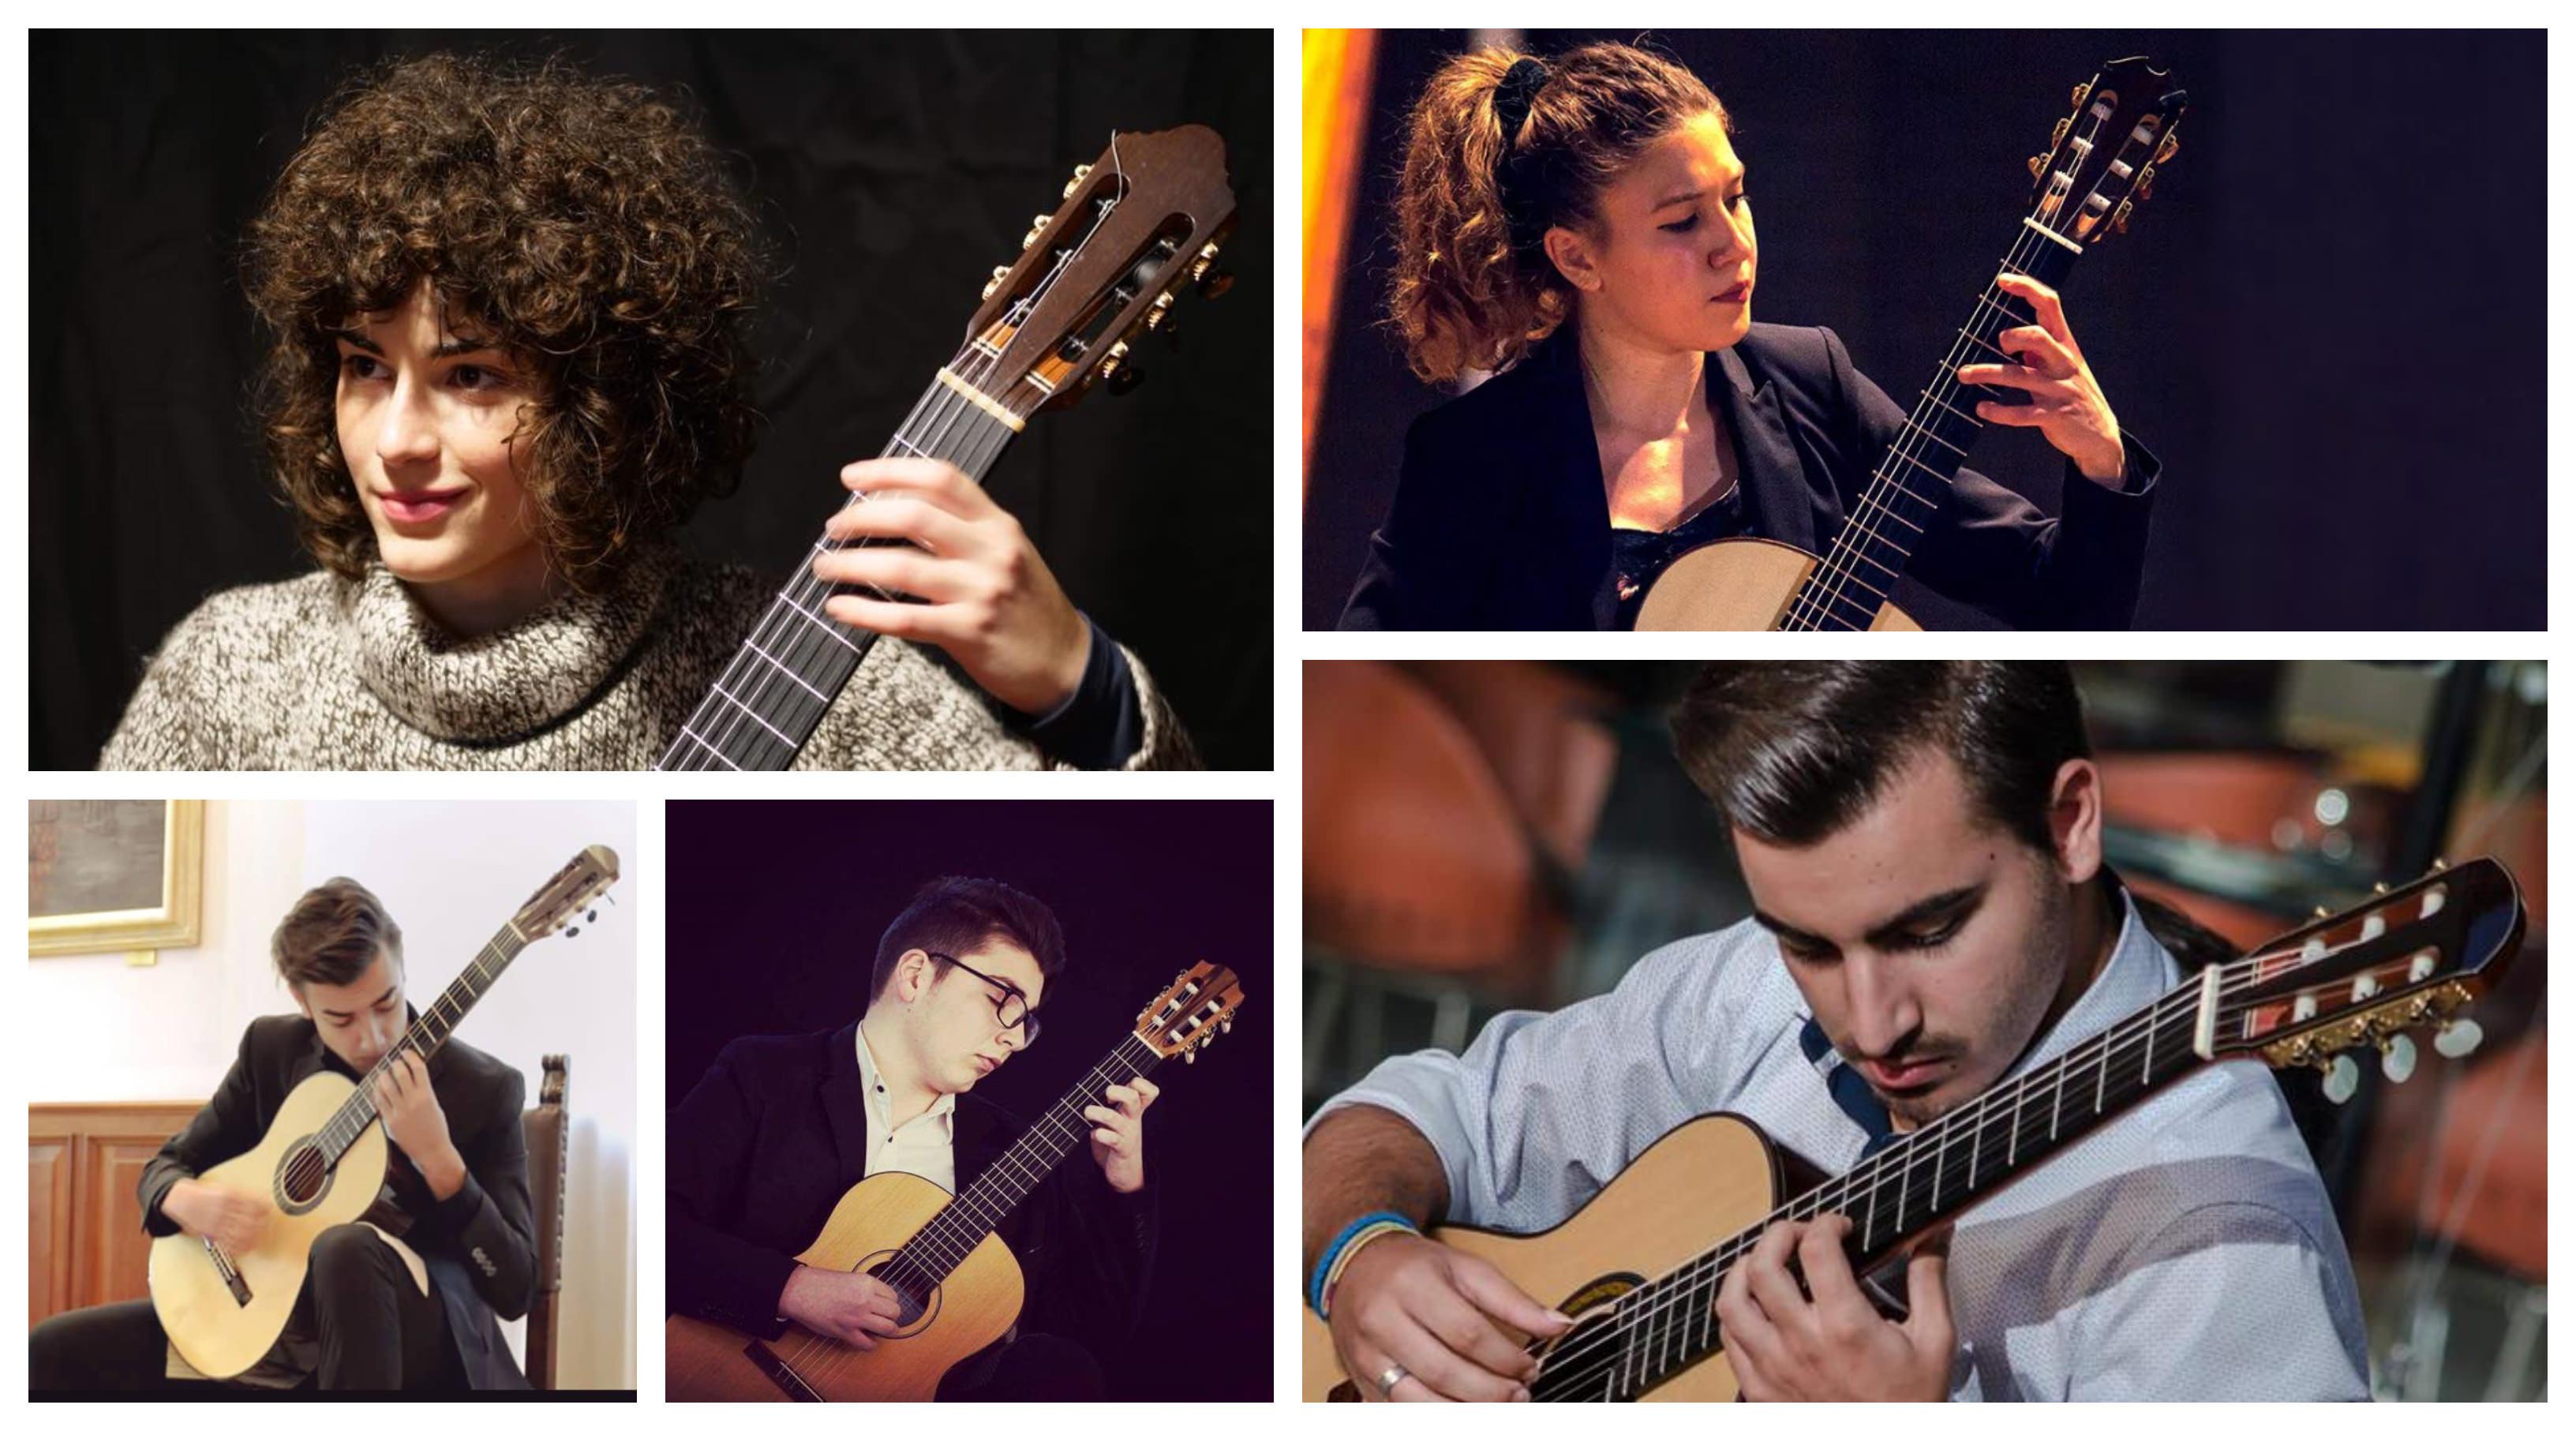 I giovani ed eccellenti musicisti selezionati da Musicare per la nuova edizione della Rassegna di Concerti di Giovani Musicisti.